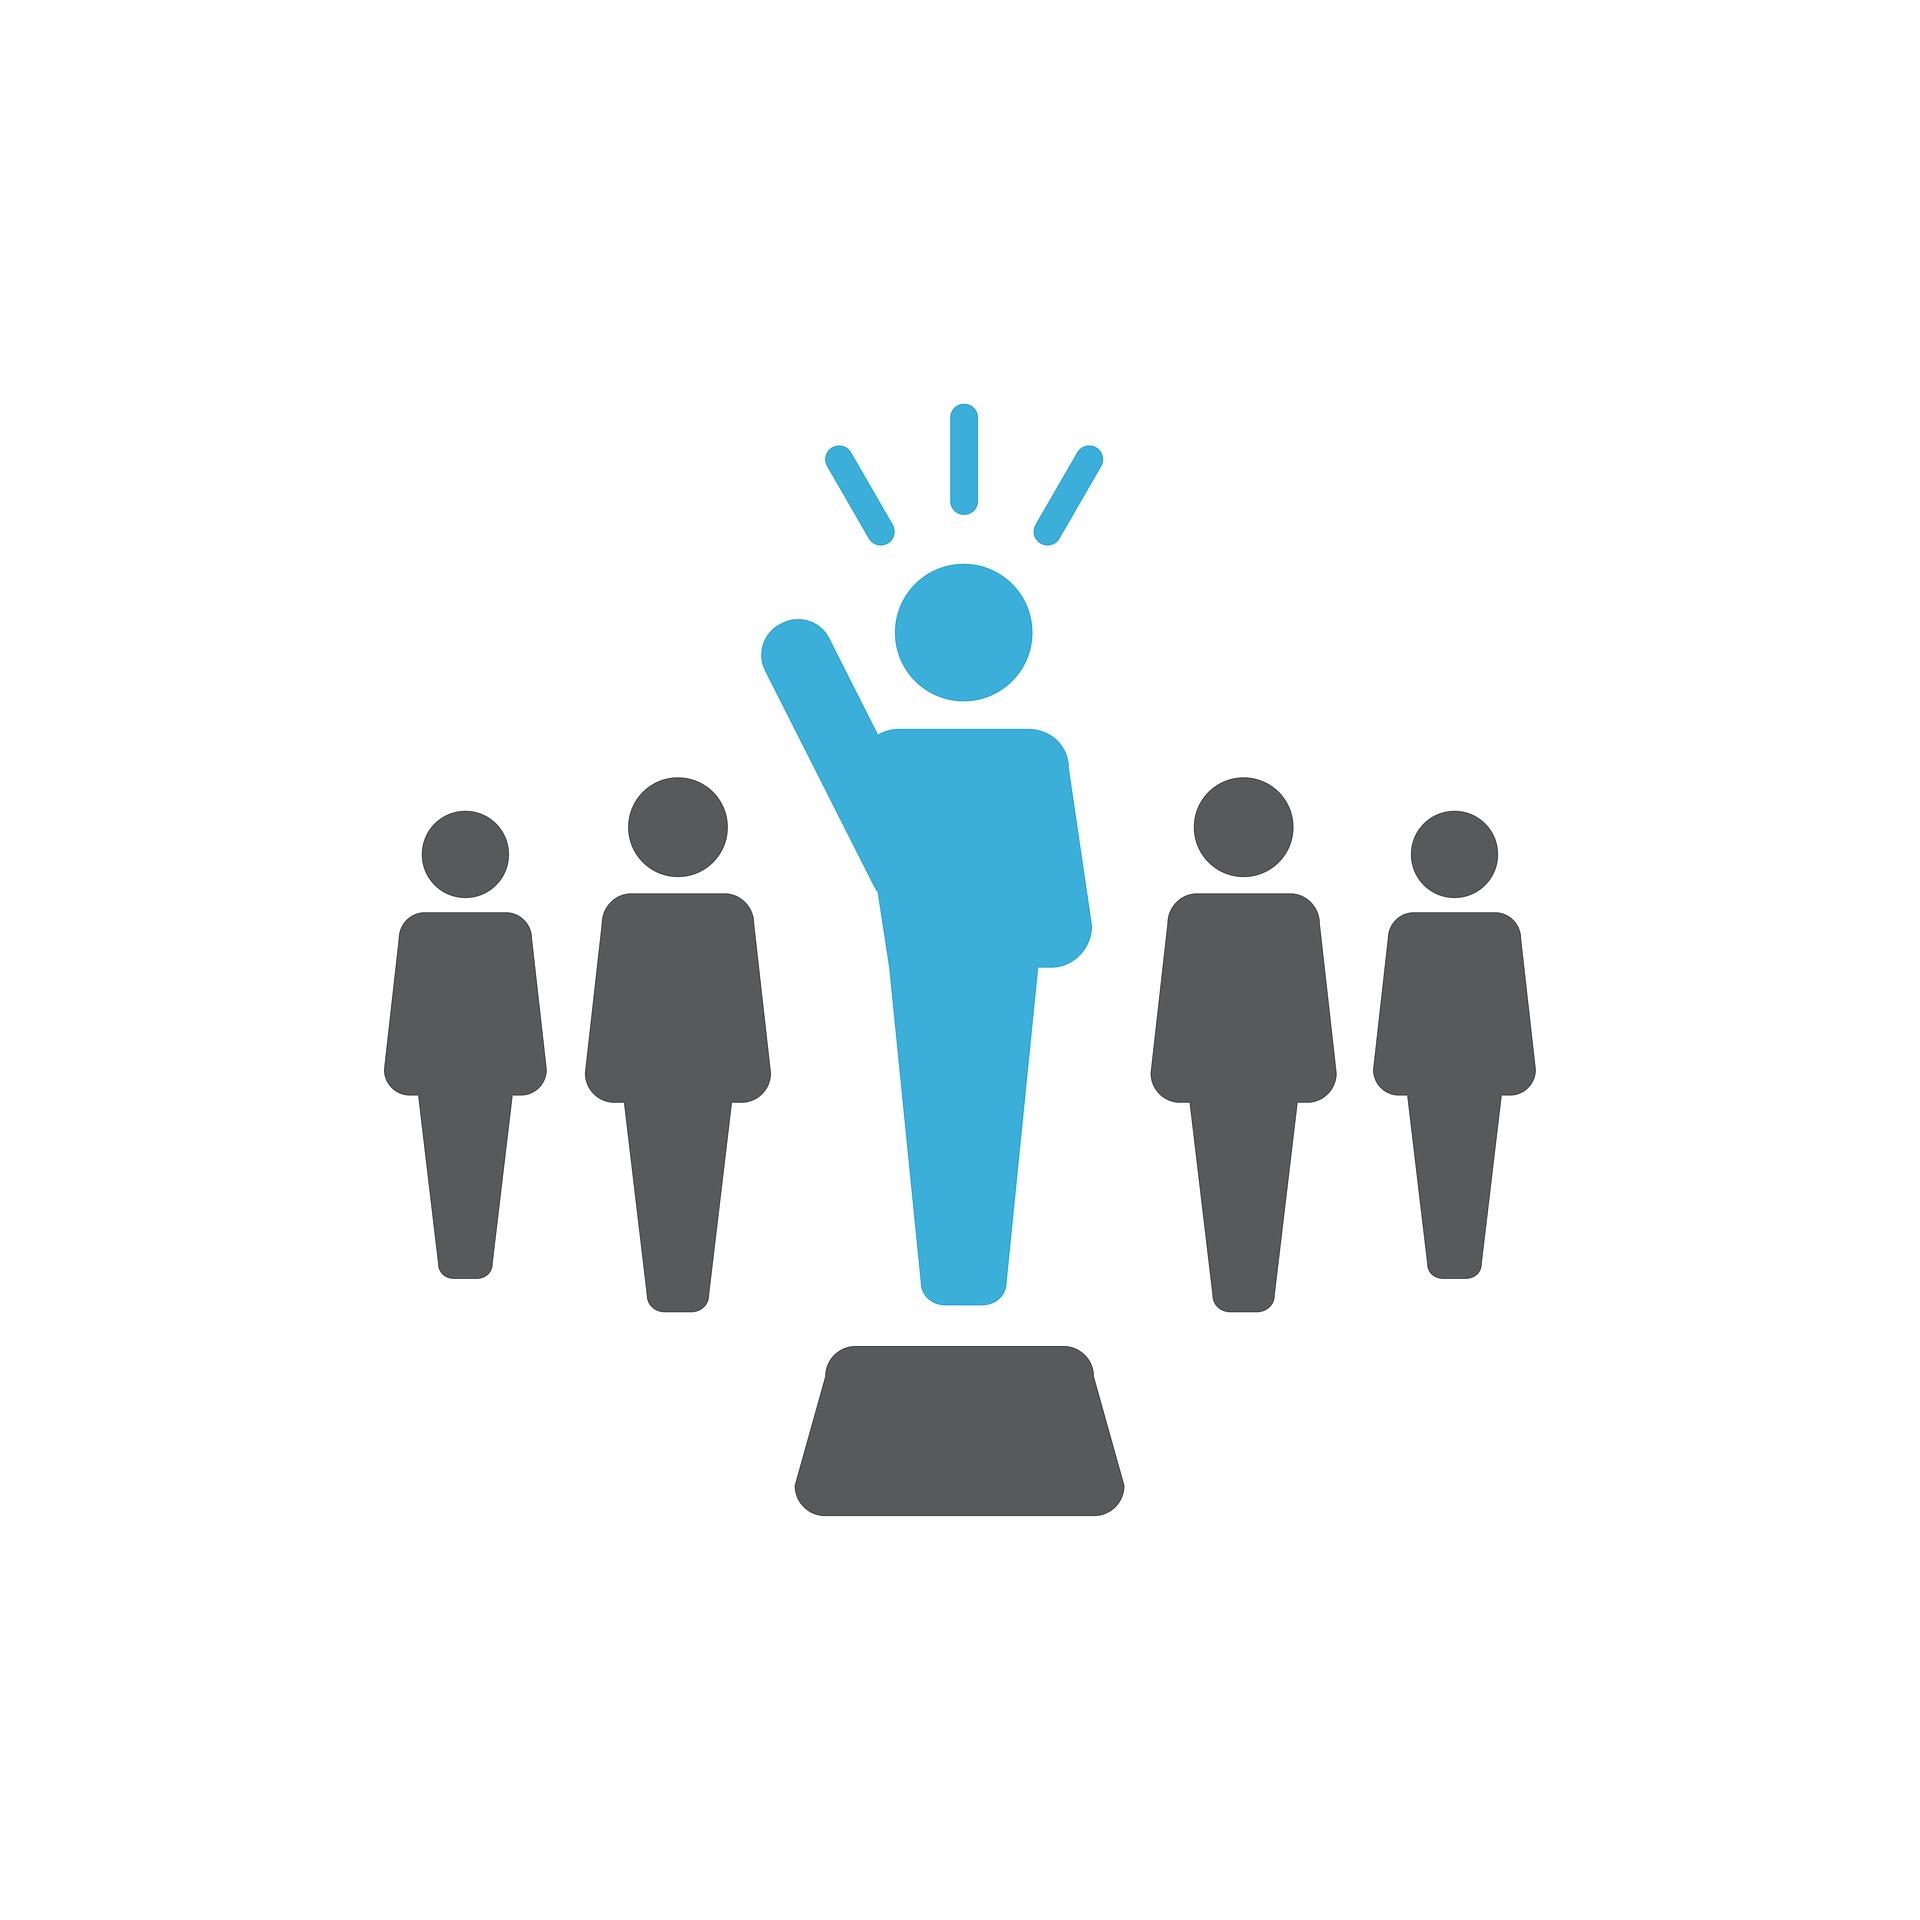 מנהל עסק קטן? 7 ההרגלים המנצחים של מנהלים מוצלחים